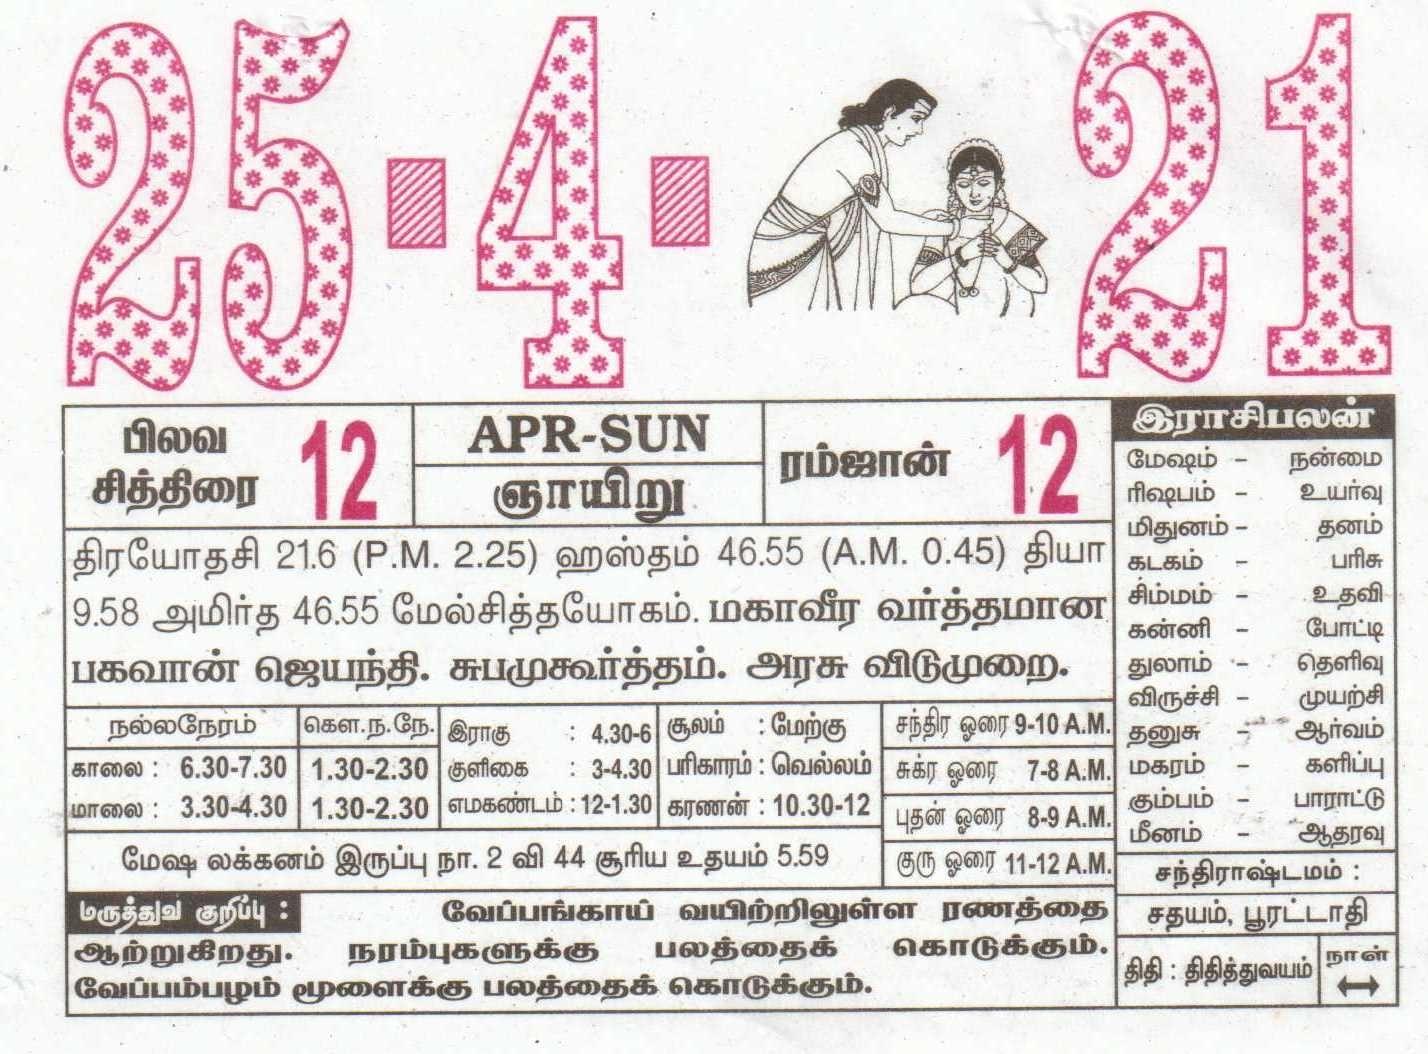 25-04-2021 Daily Calendar | Date 25 , January Daily Tear Off Calendar | Daily Panchangam Rasi Palan Tamil Monthly Calendar 2021 October